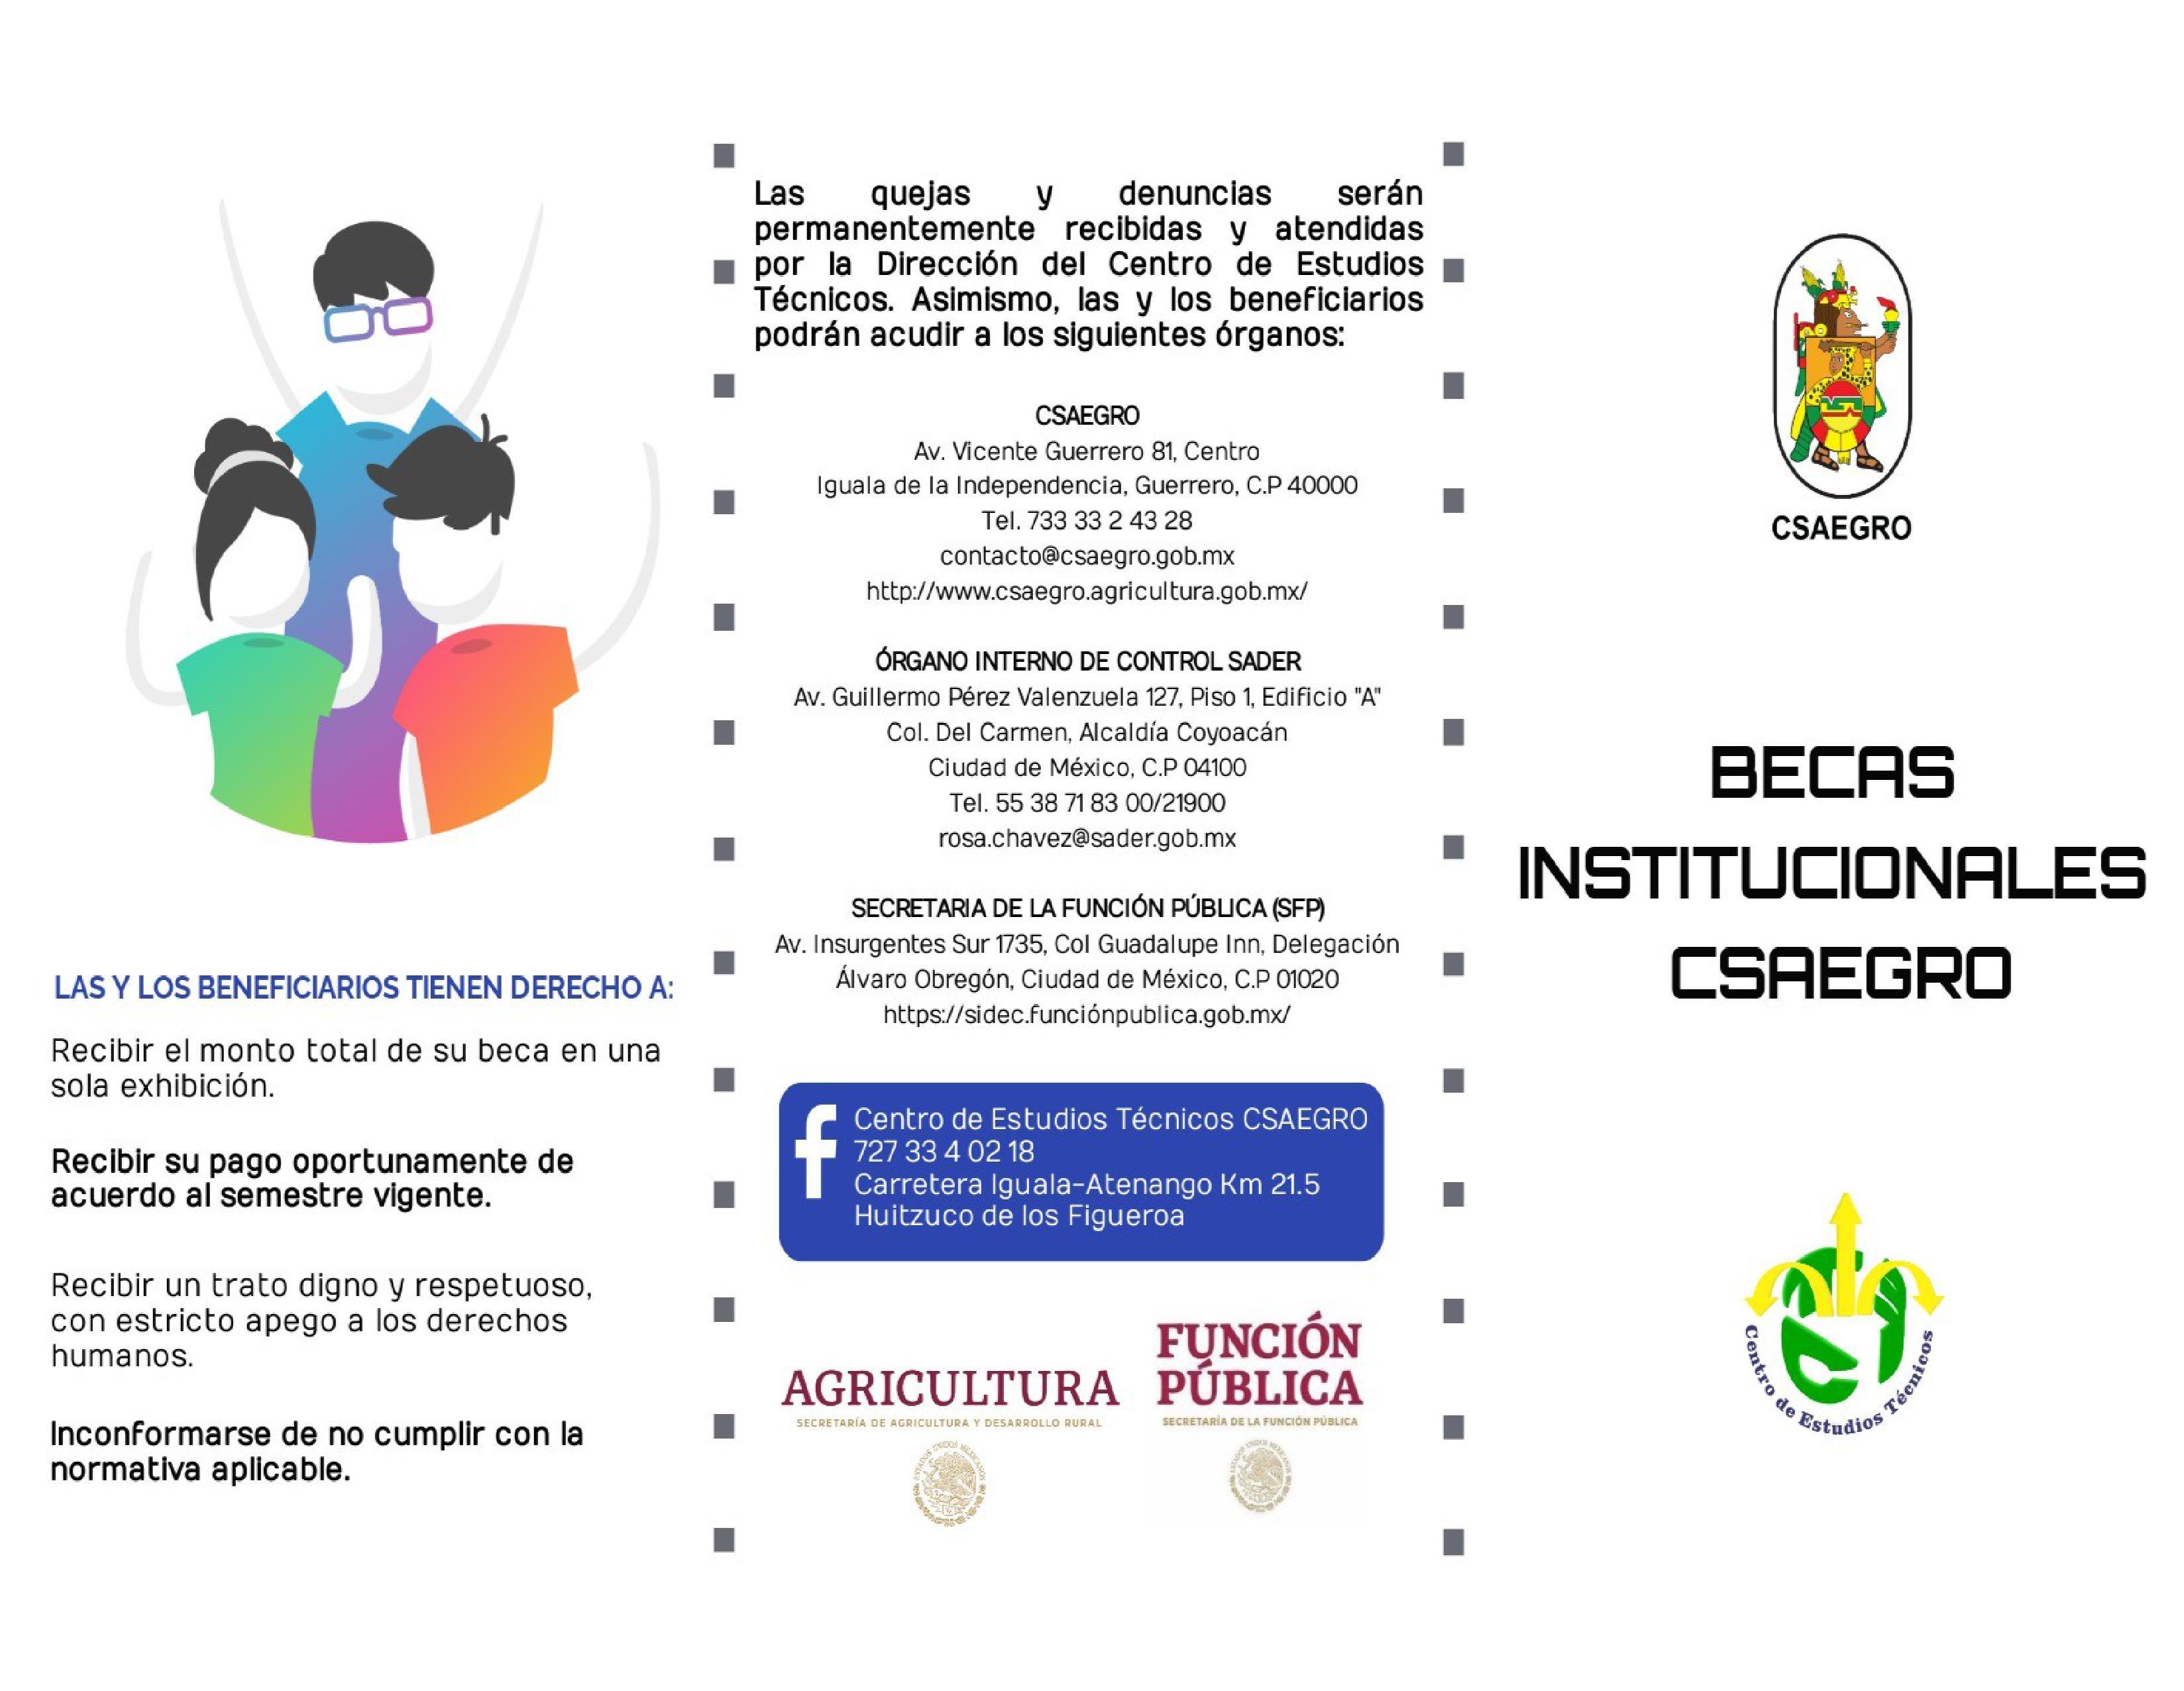 triptico-becas-ccs-cet-2020 (1)